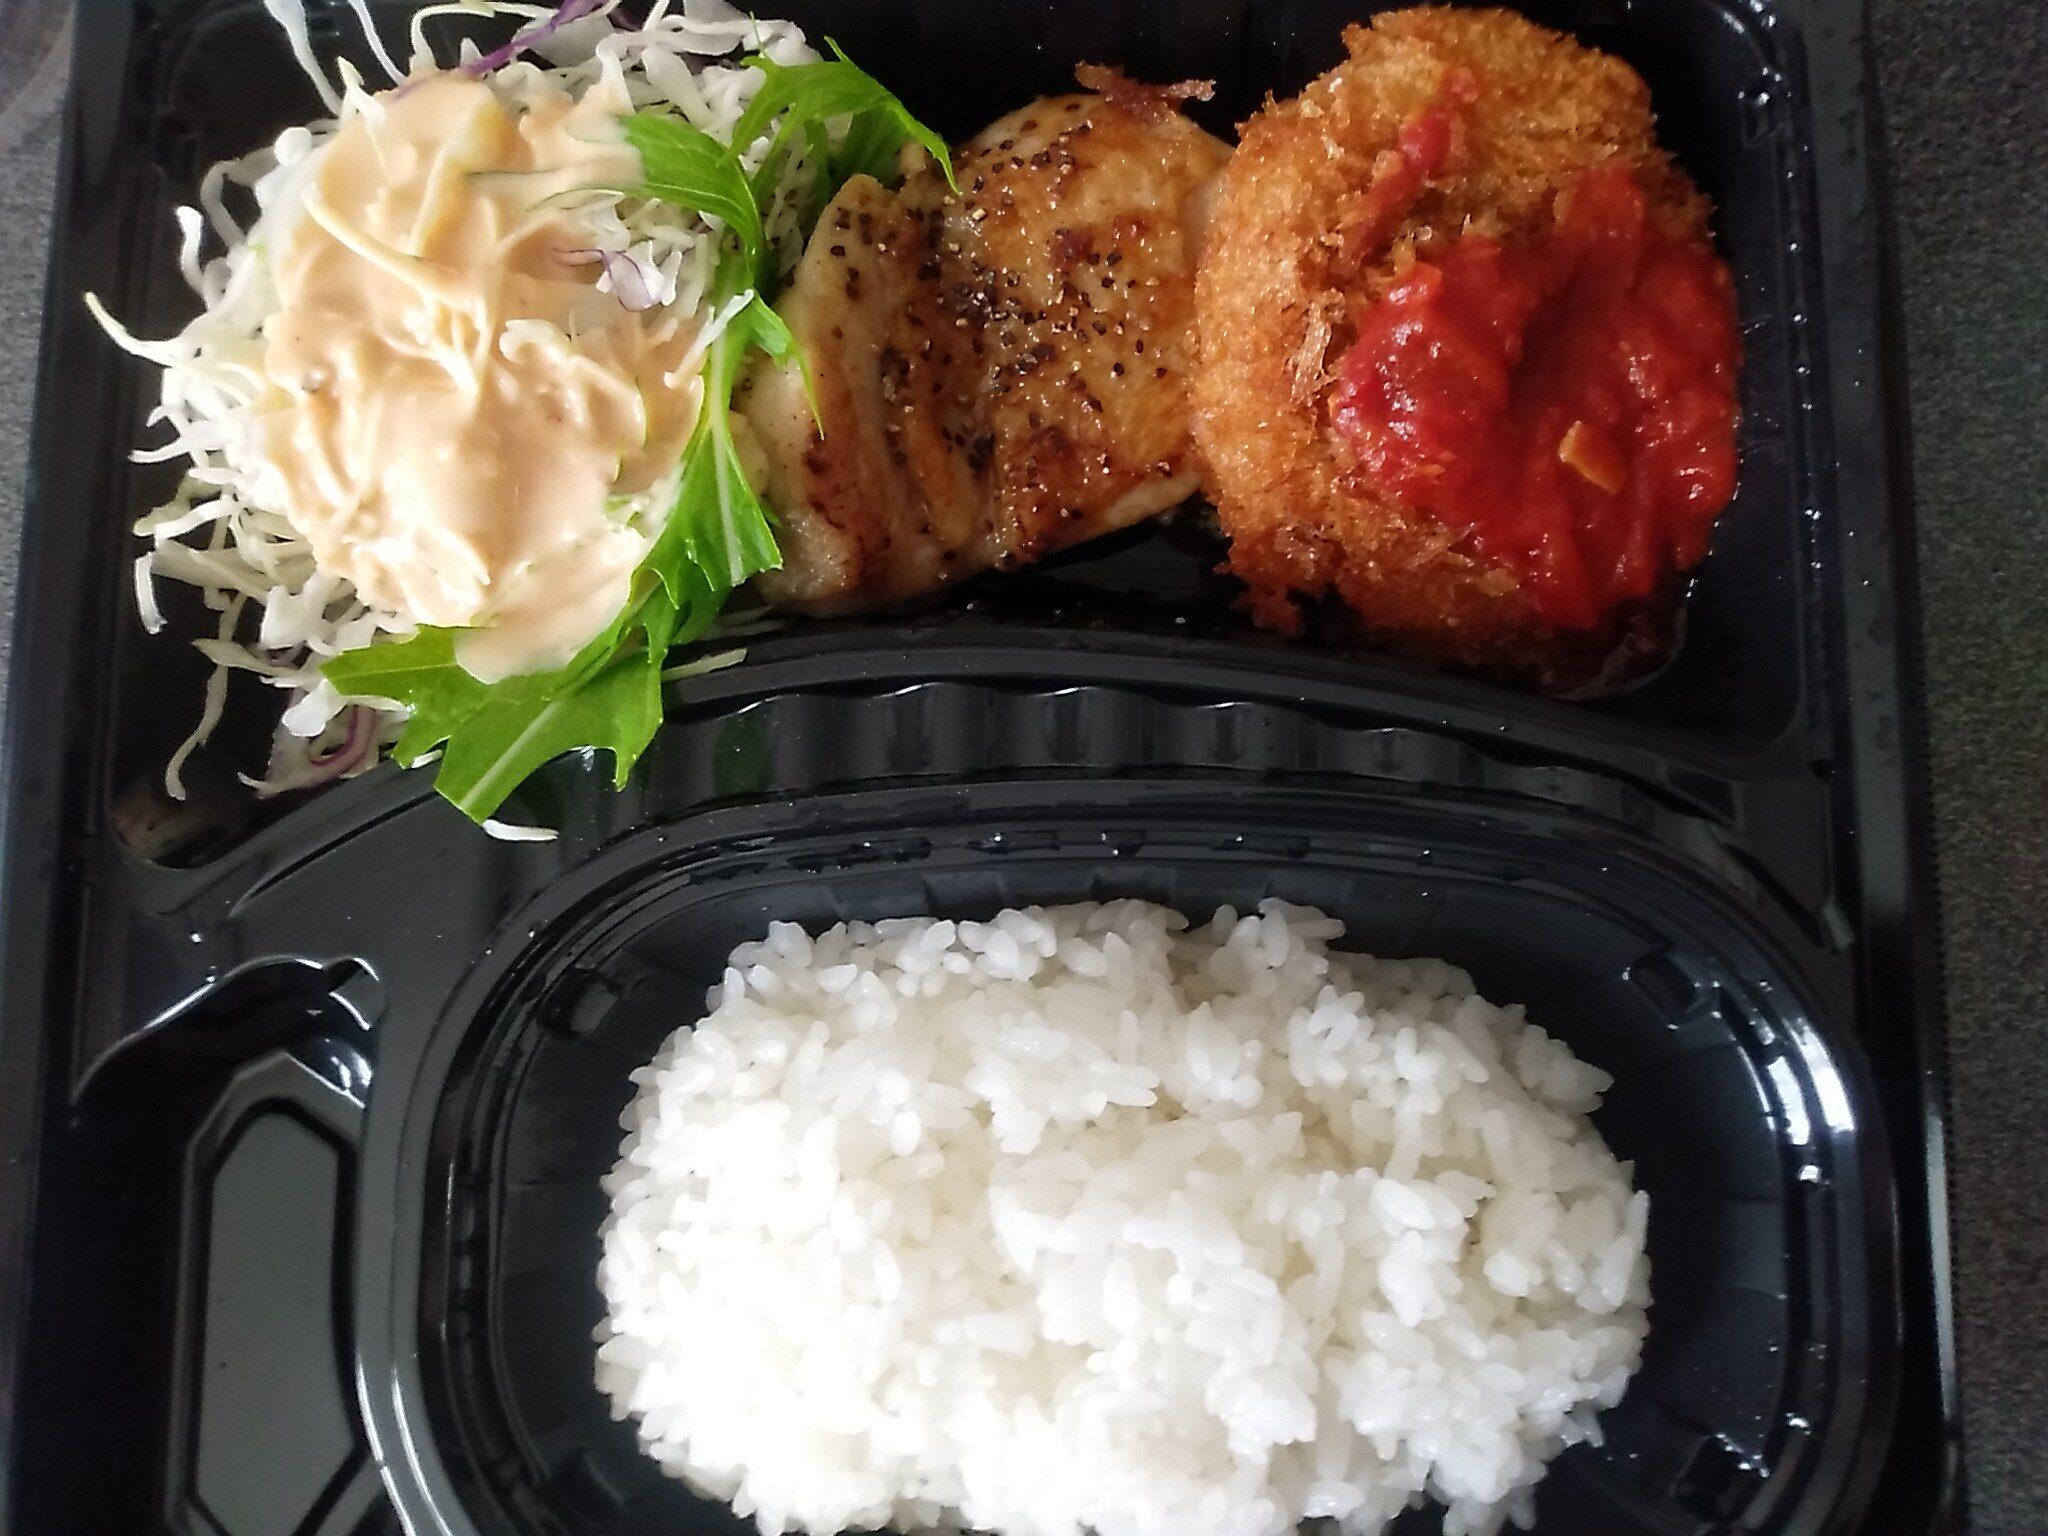 チキンステーキ&ポテトコロッケ弁当 ジョイフル